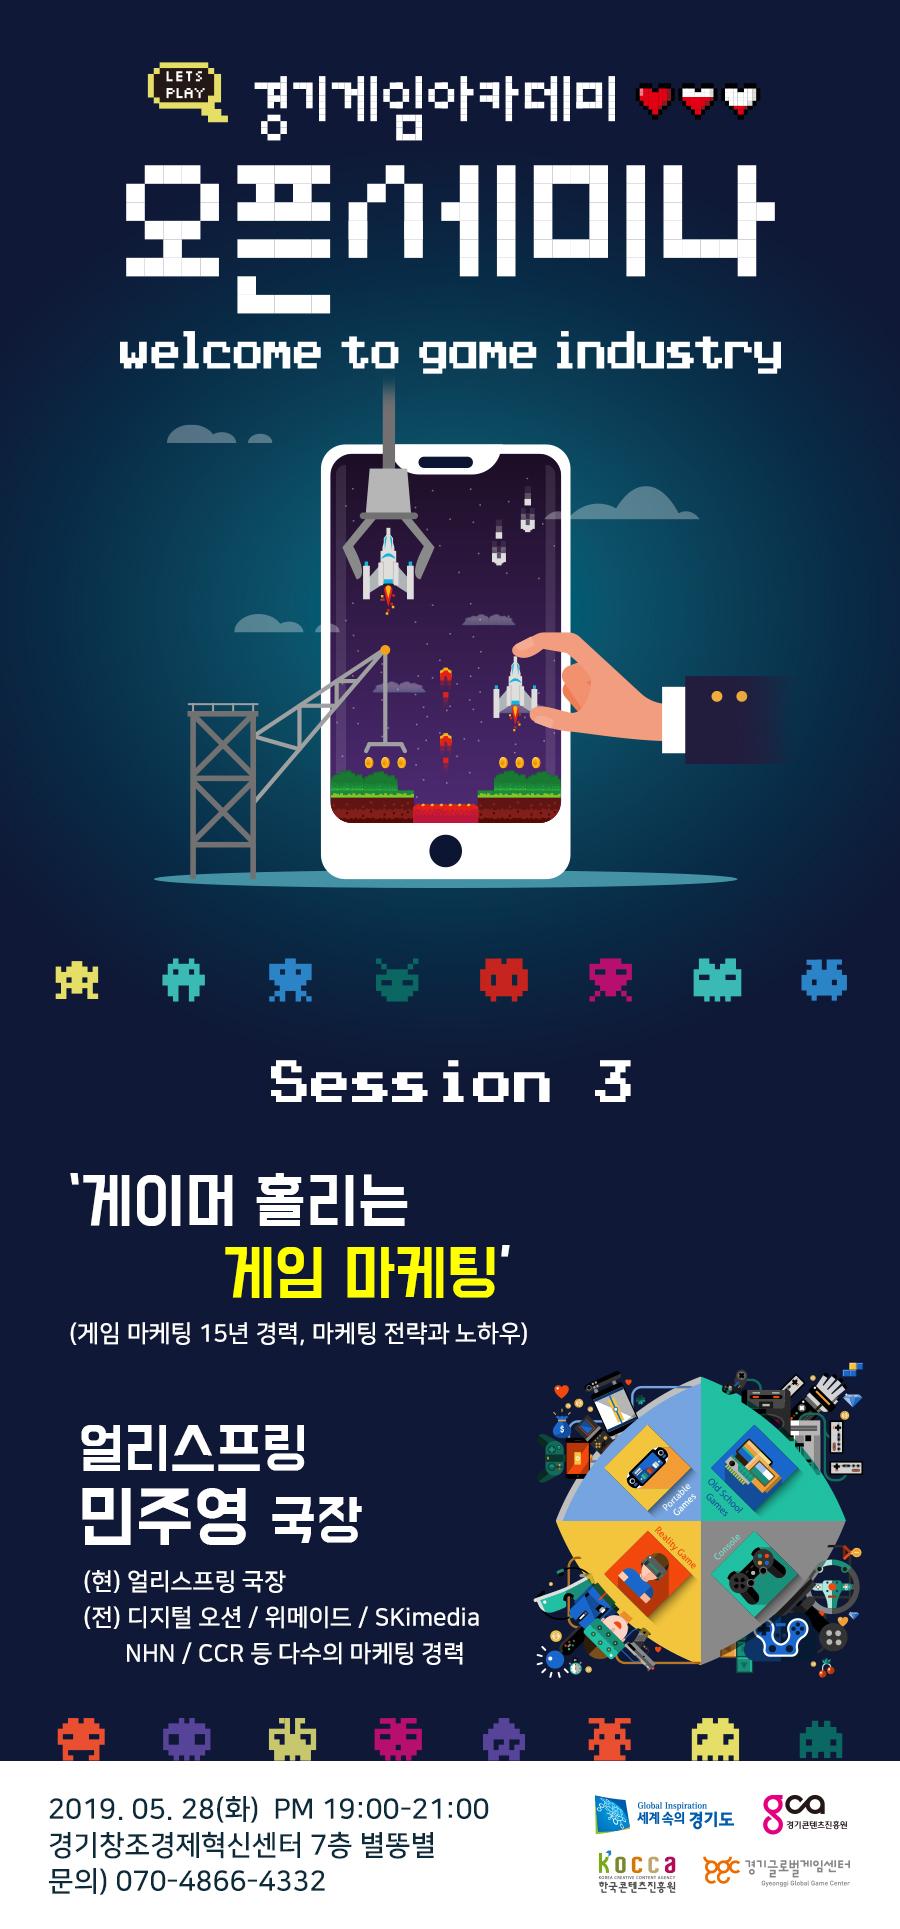 경기게임아카데미 오픈세미나 2019.05.28 포스터.jpg